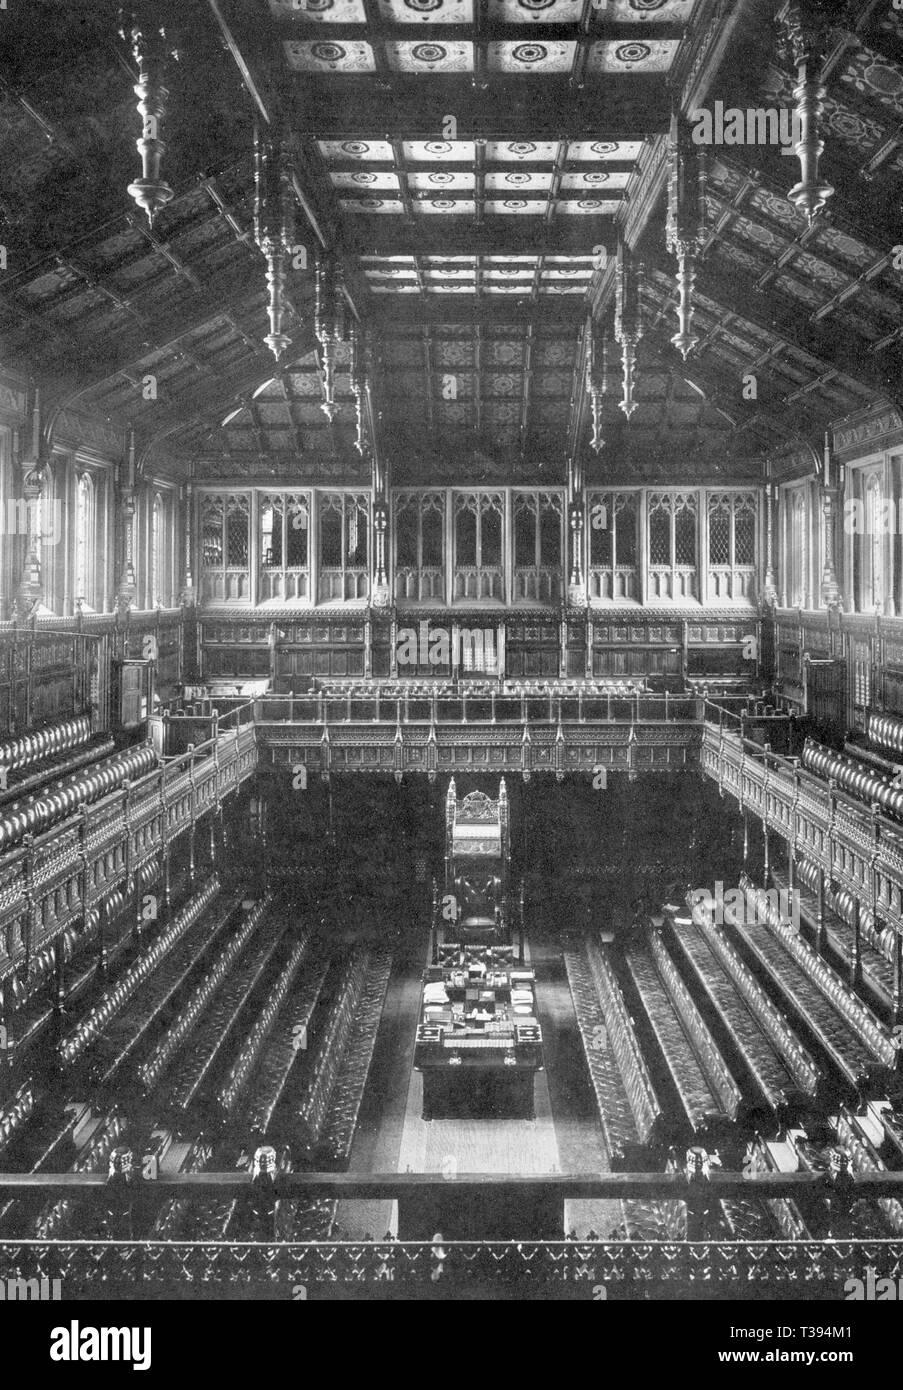 Britische Unterhaus Kammer im Palast von Westminster, vor seiner Zerstörung während des Zweiten Weltkriegs. Altes Haus von Commons Kammer Stockbild